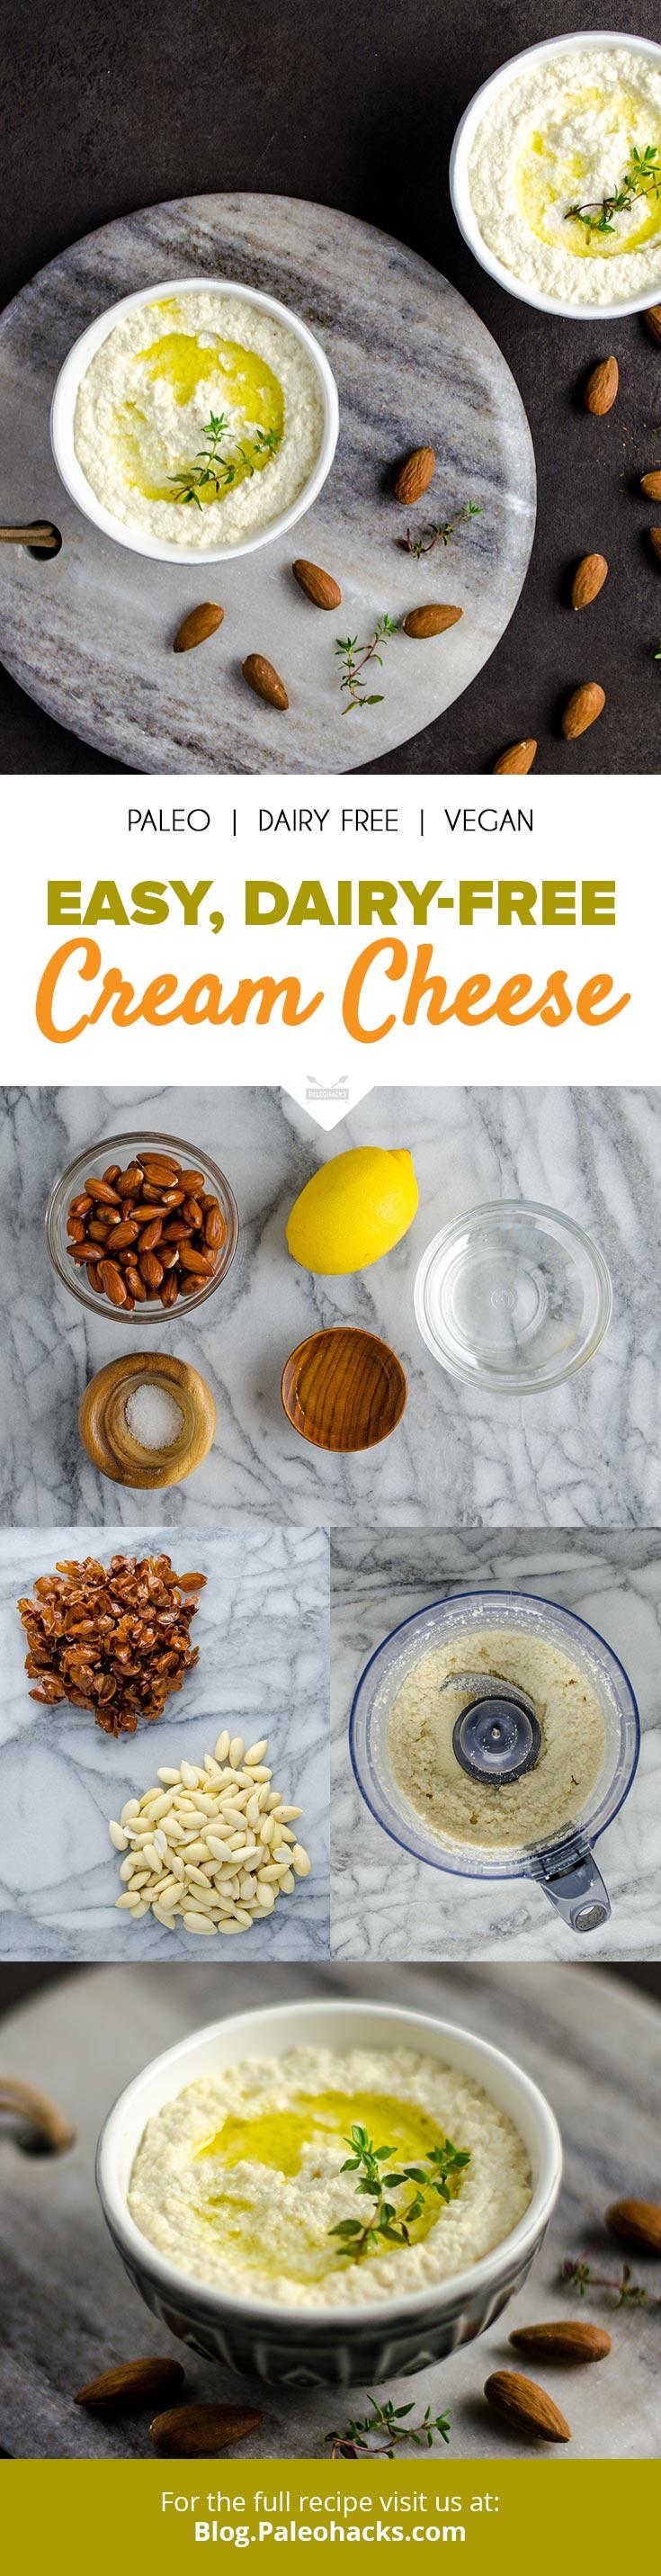 PIN-Easy-Dairy-Free-Cream-Cheese.jpg